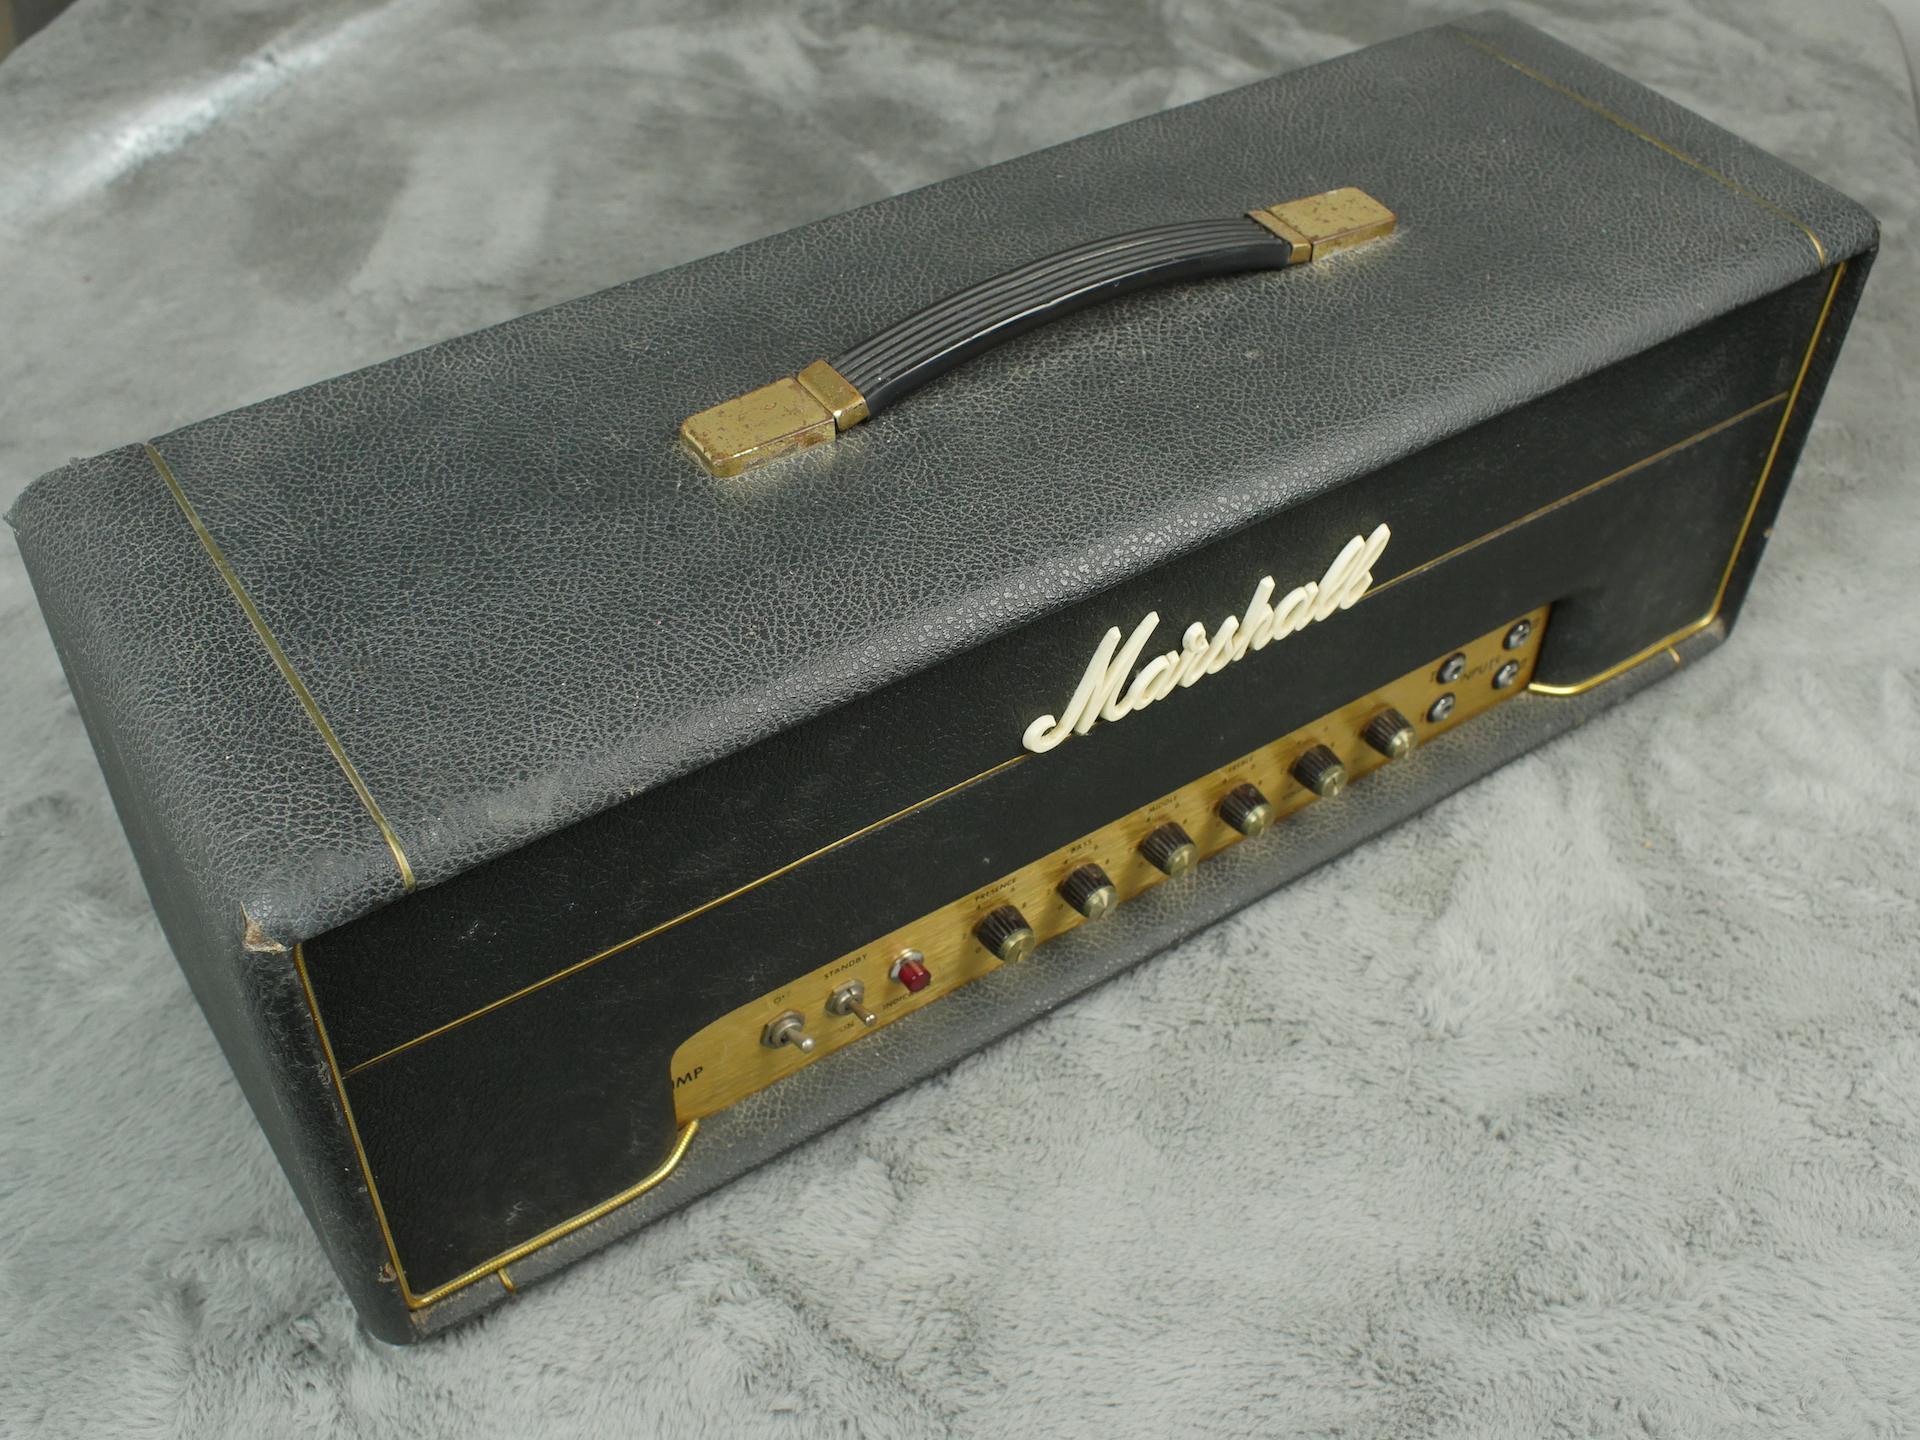 1971 Marshall JMP 50 watt Small Box